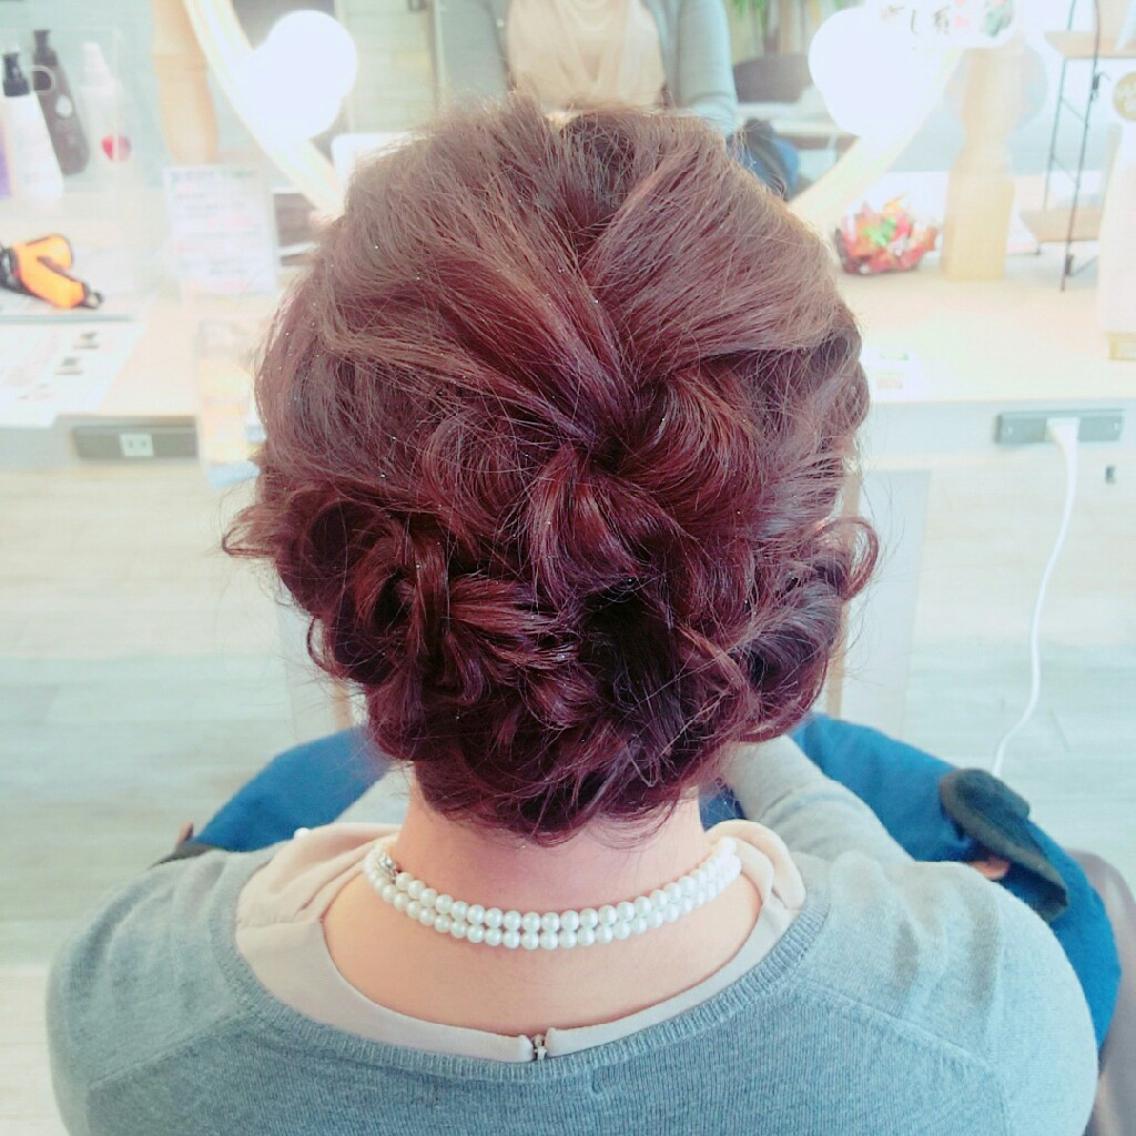 結婚式お呼ばれヘアセット 全体的に巻いてから編み込みとねじり